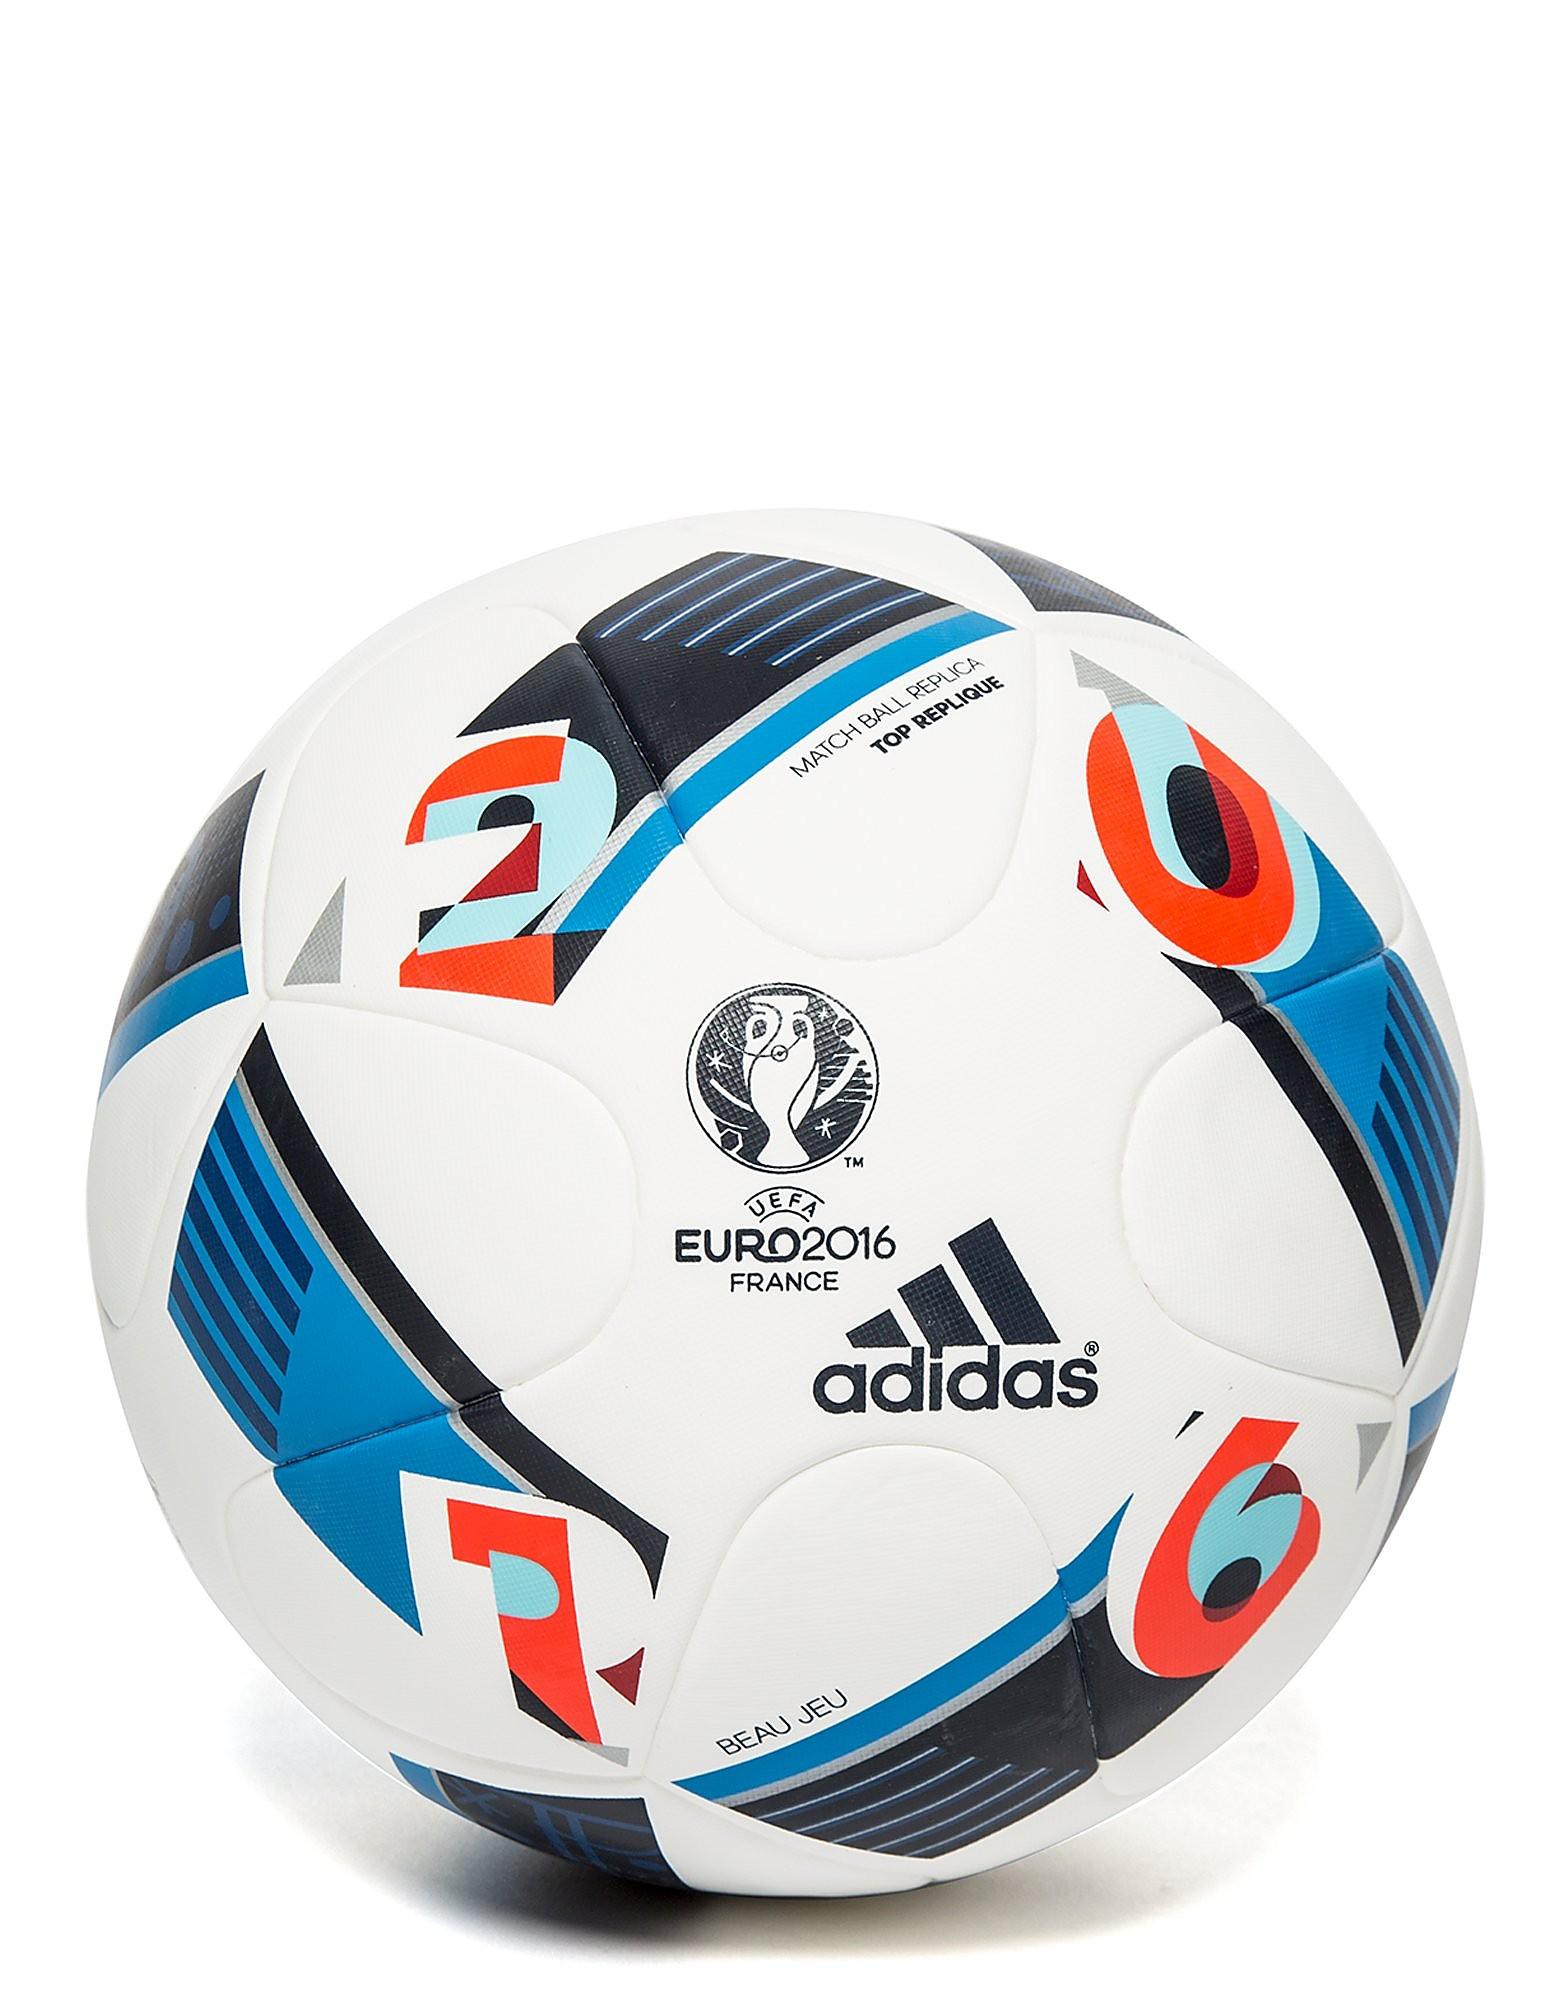 adidas Réplique du ballon de football de l'Euro2016